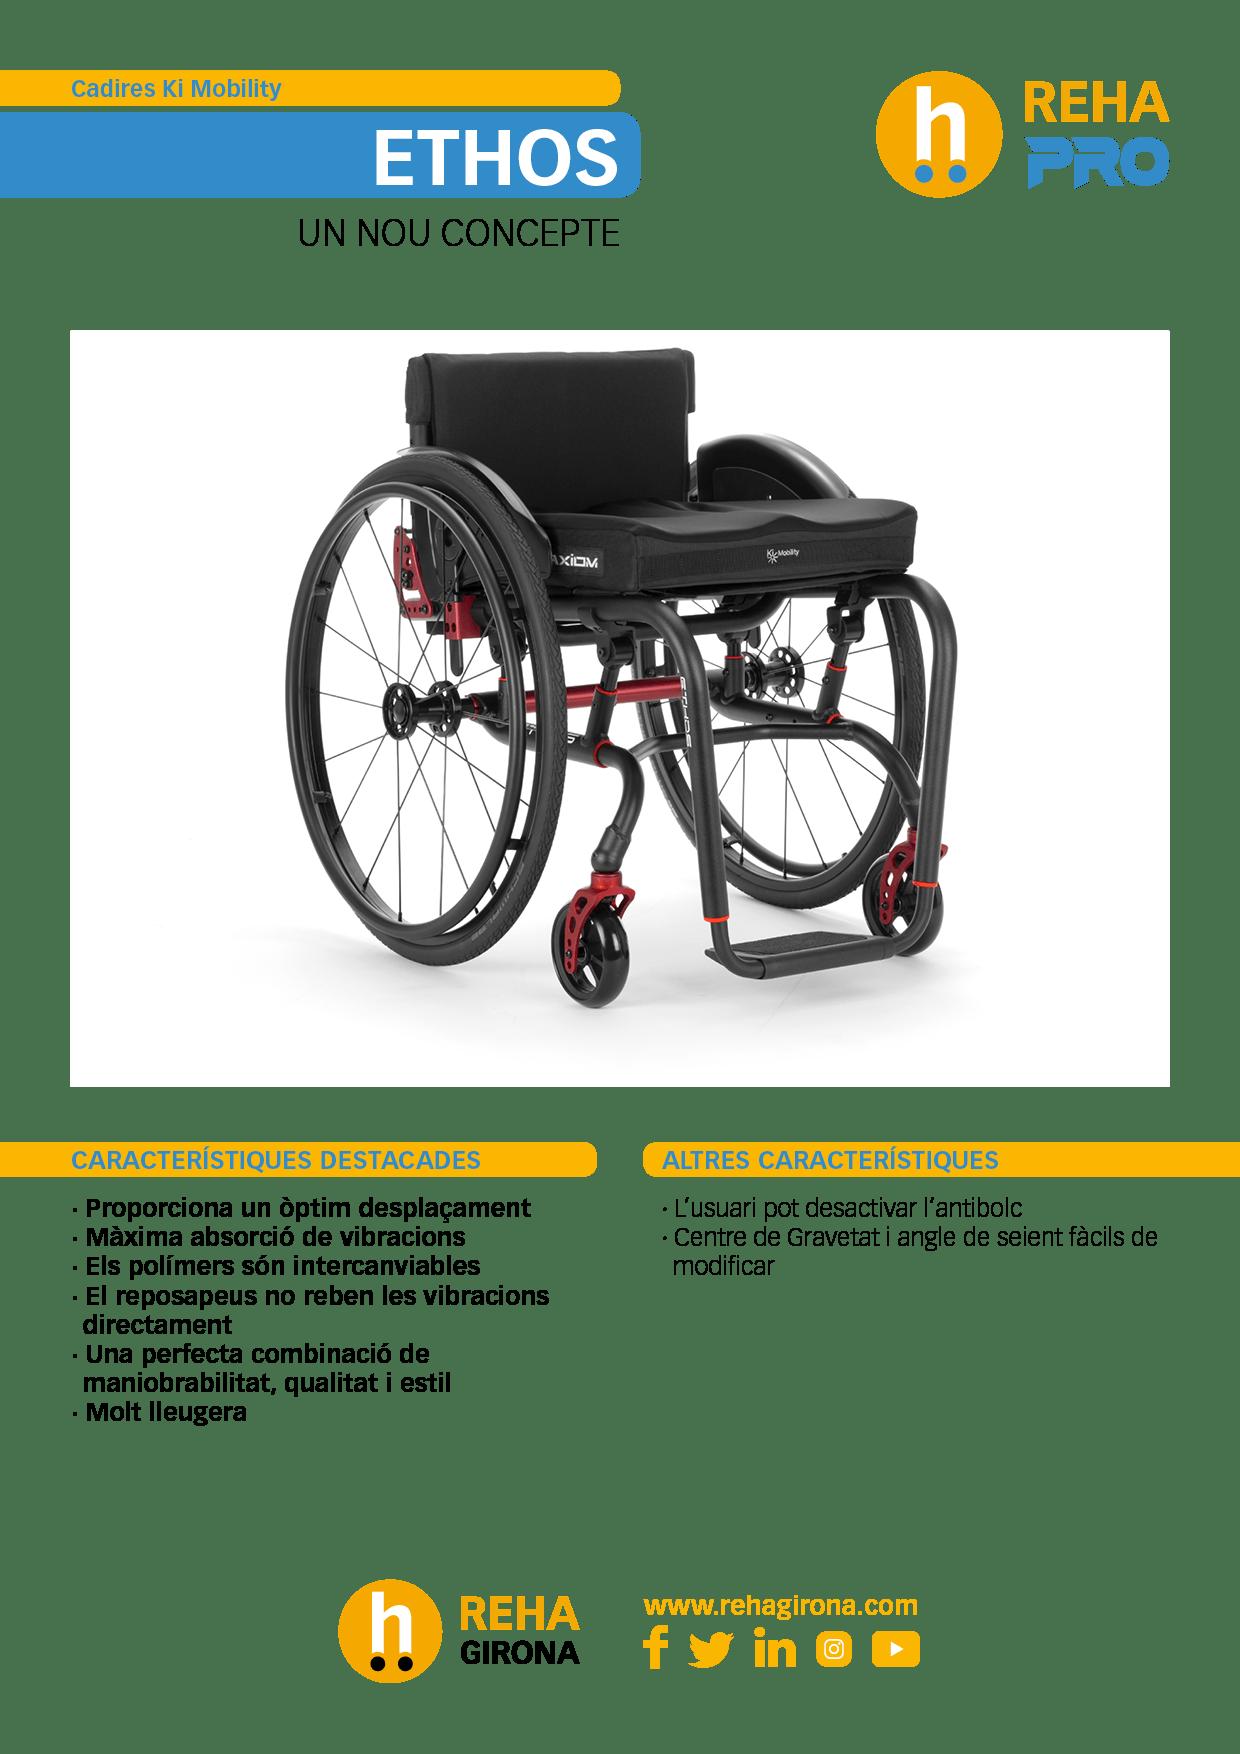 Característiques i beneficis més destacats de la cadira de rodes Ethos - Rehagirona